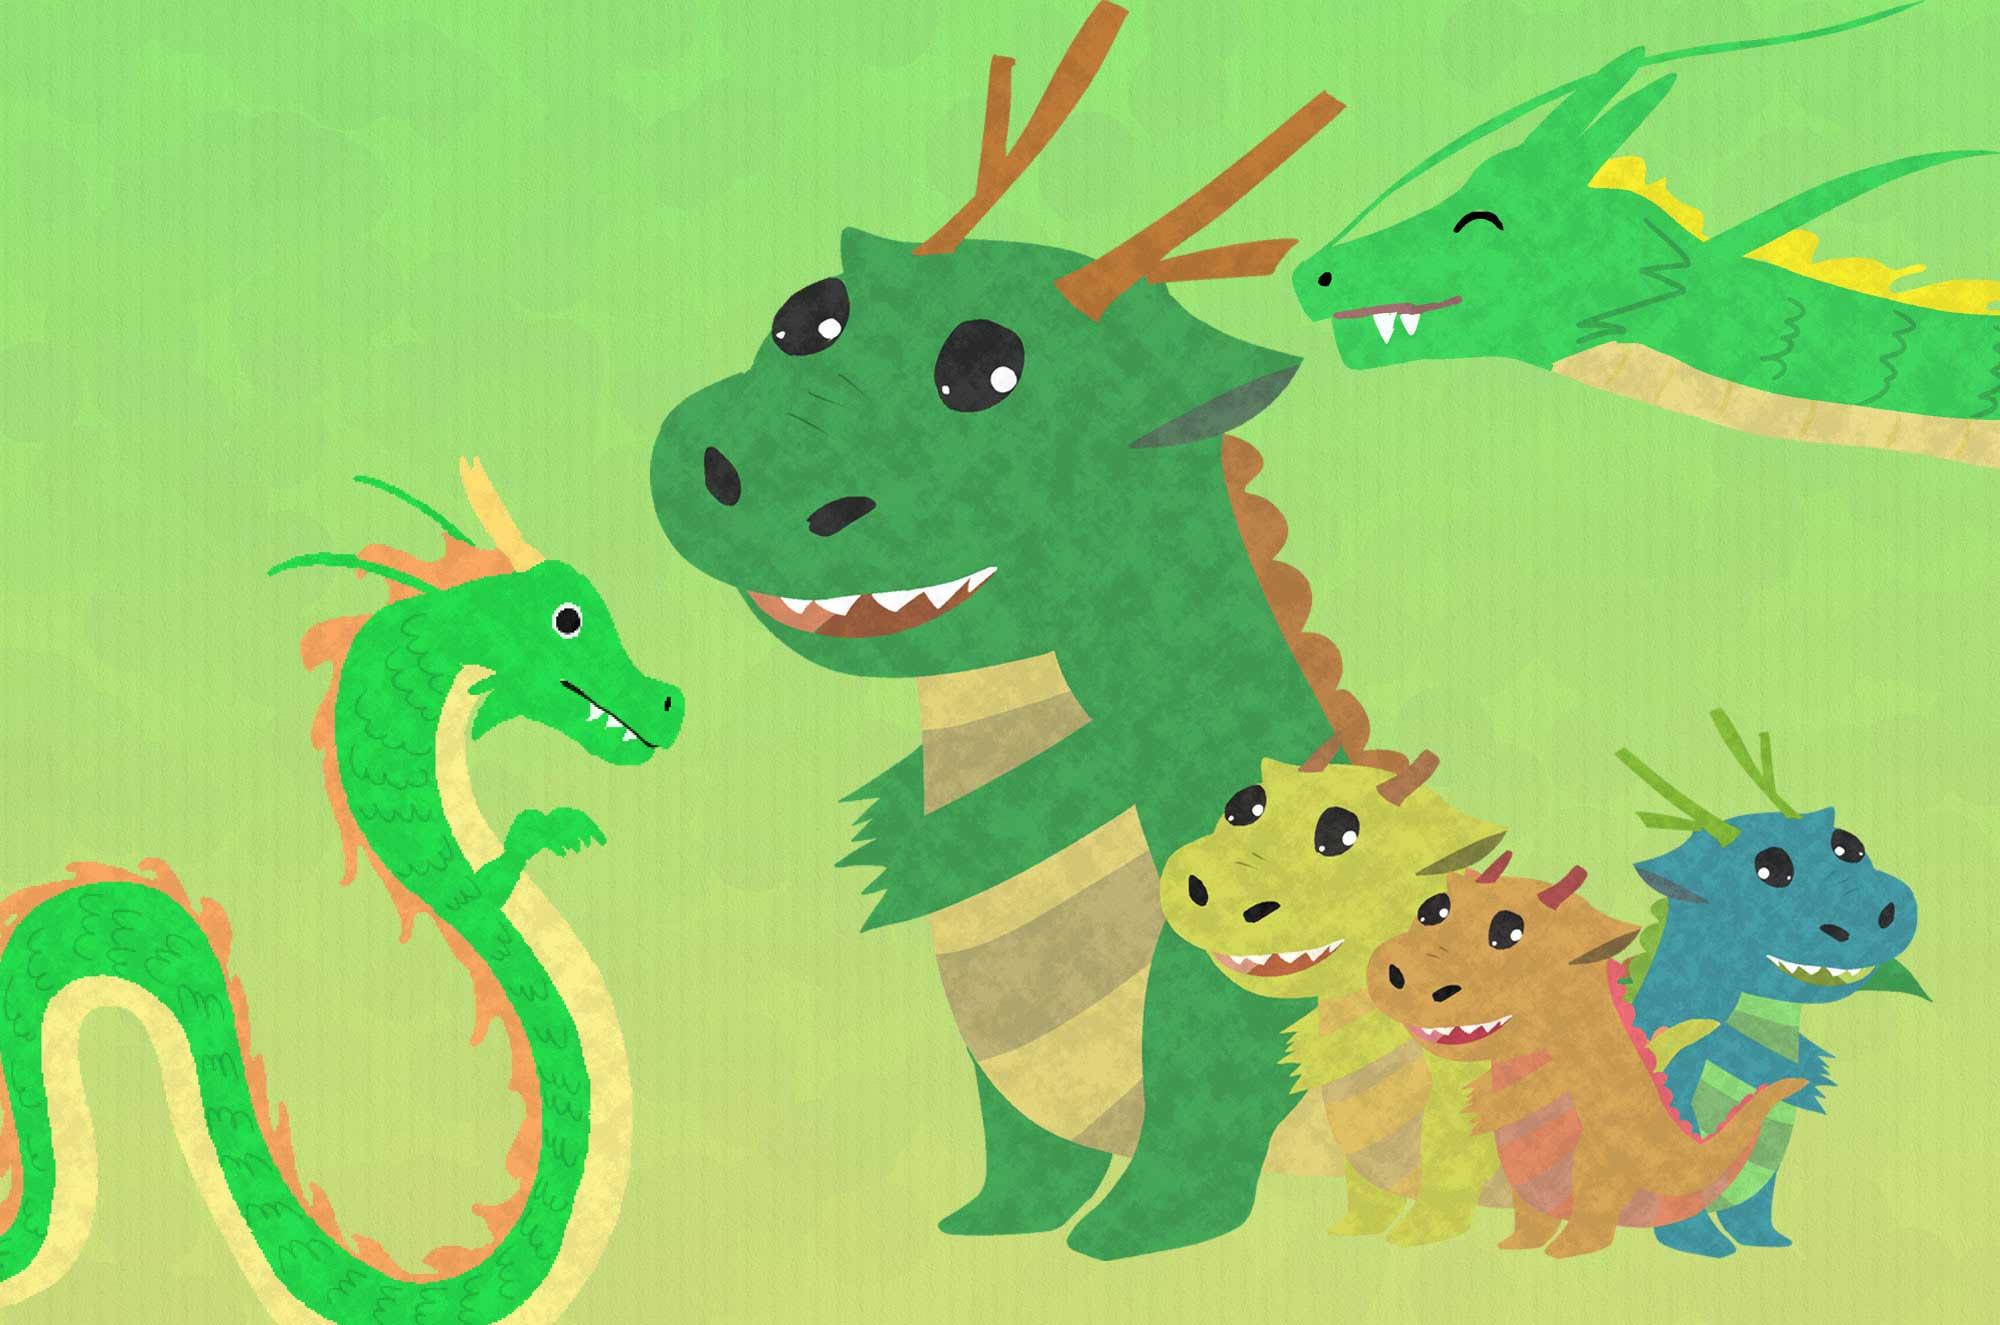 可愛い龍のイラスト - フリーの空想動物素材